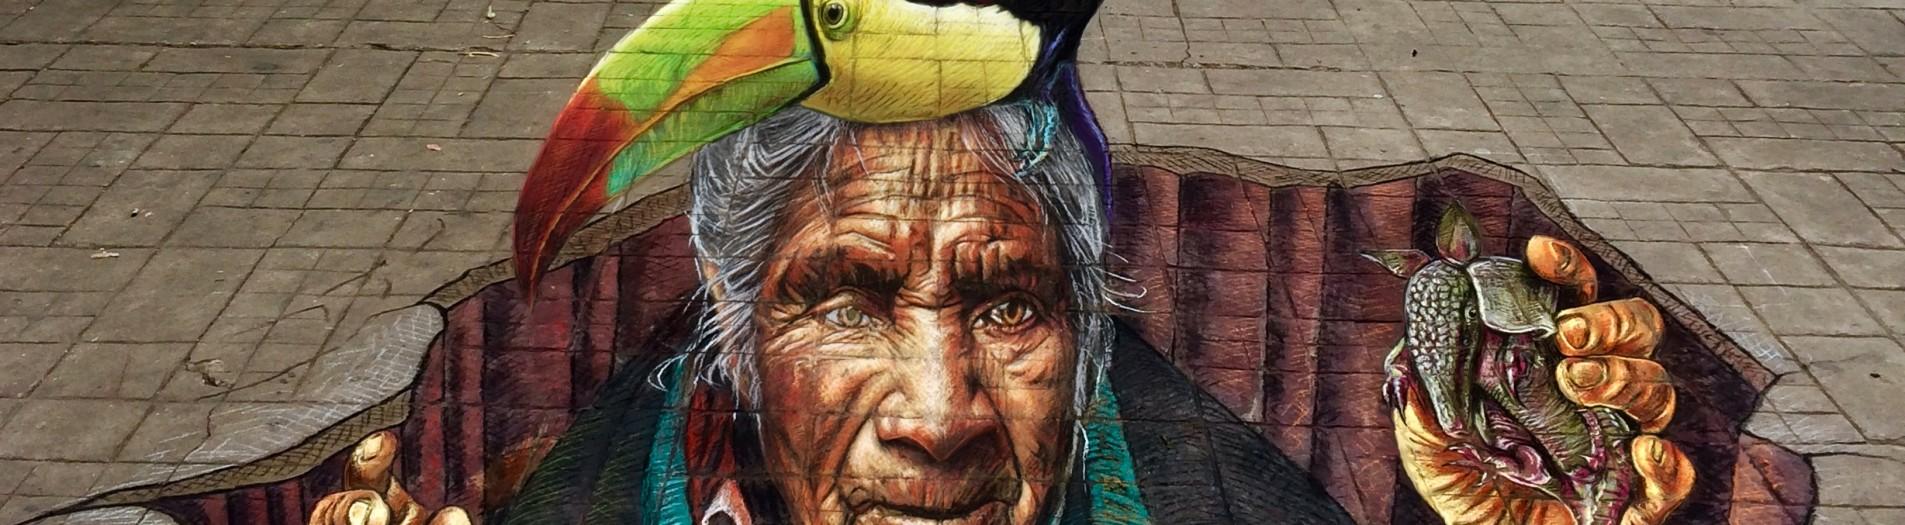 My anamorphic 'Diosa indígena' at Colores de Chiapas 2018!